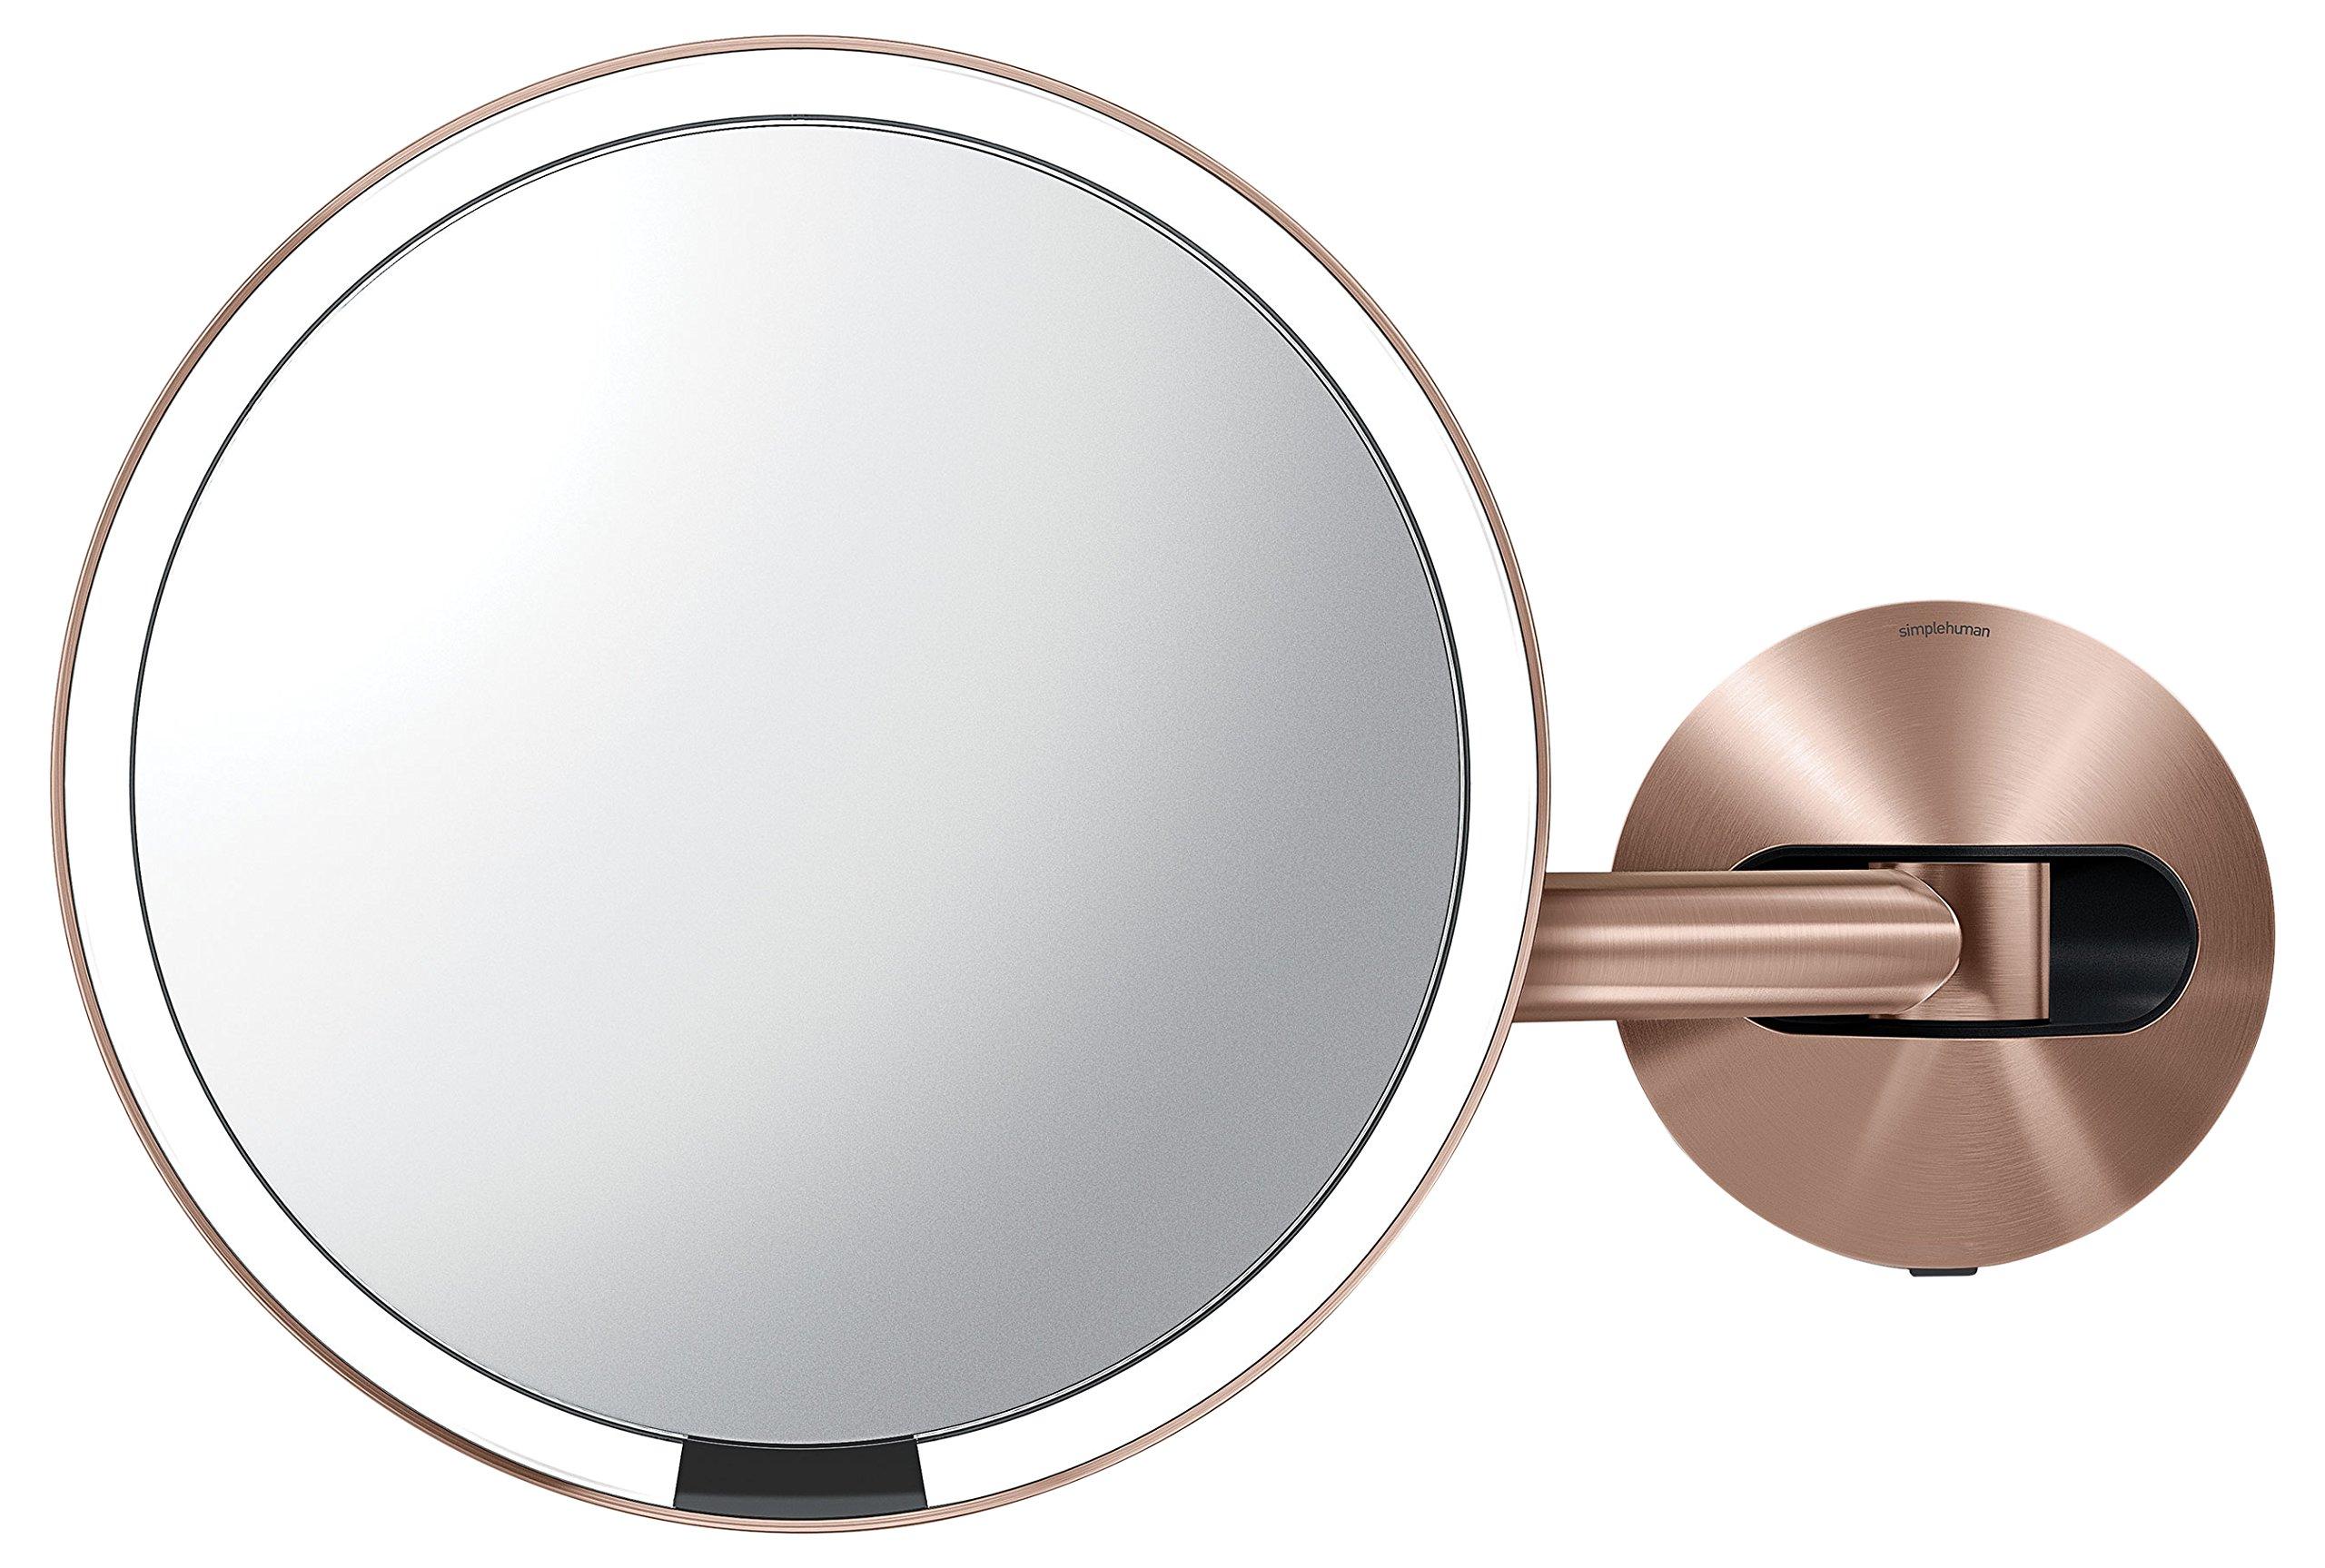 simplehuman 8'' Sensor Makeup Mirror Rose Gold Steel